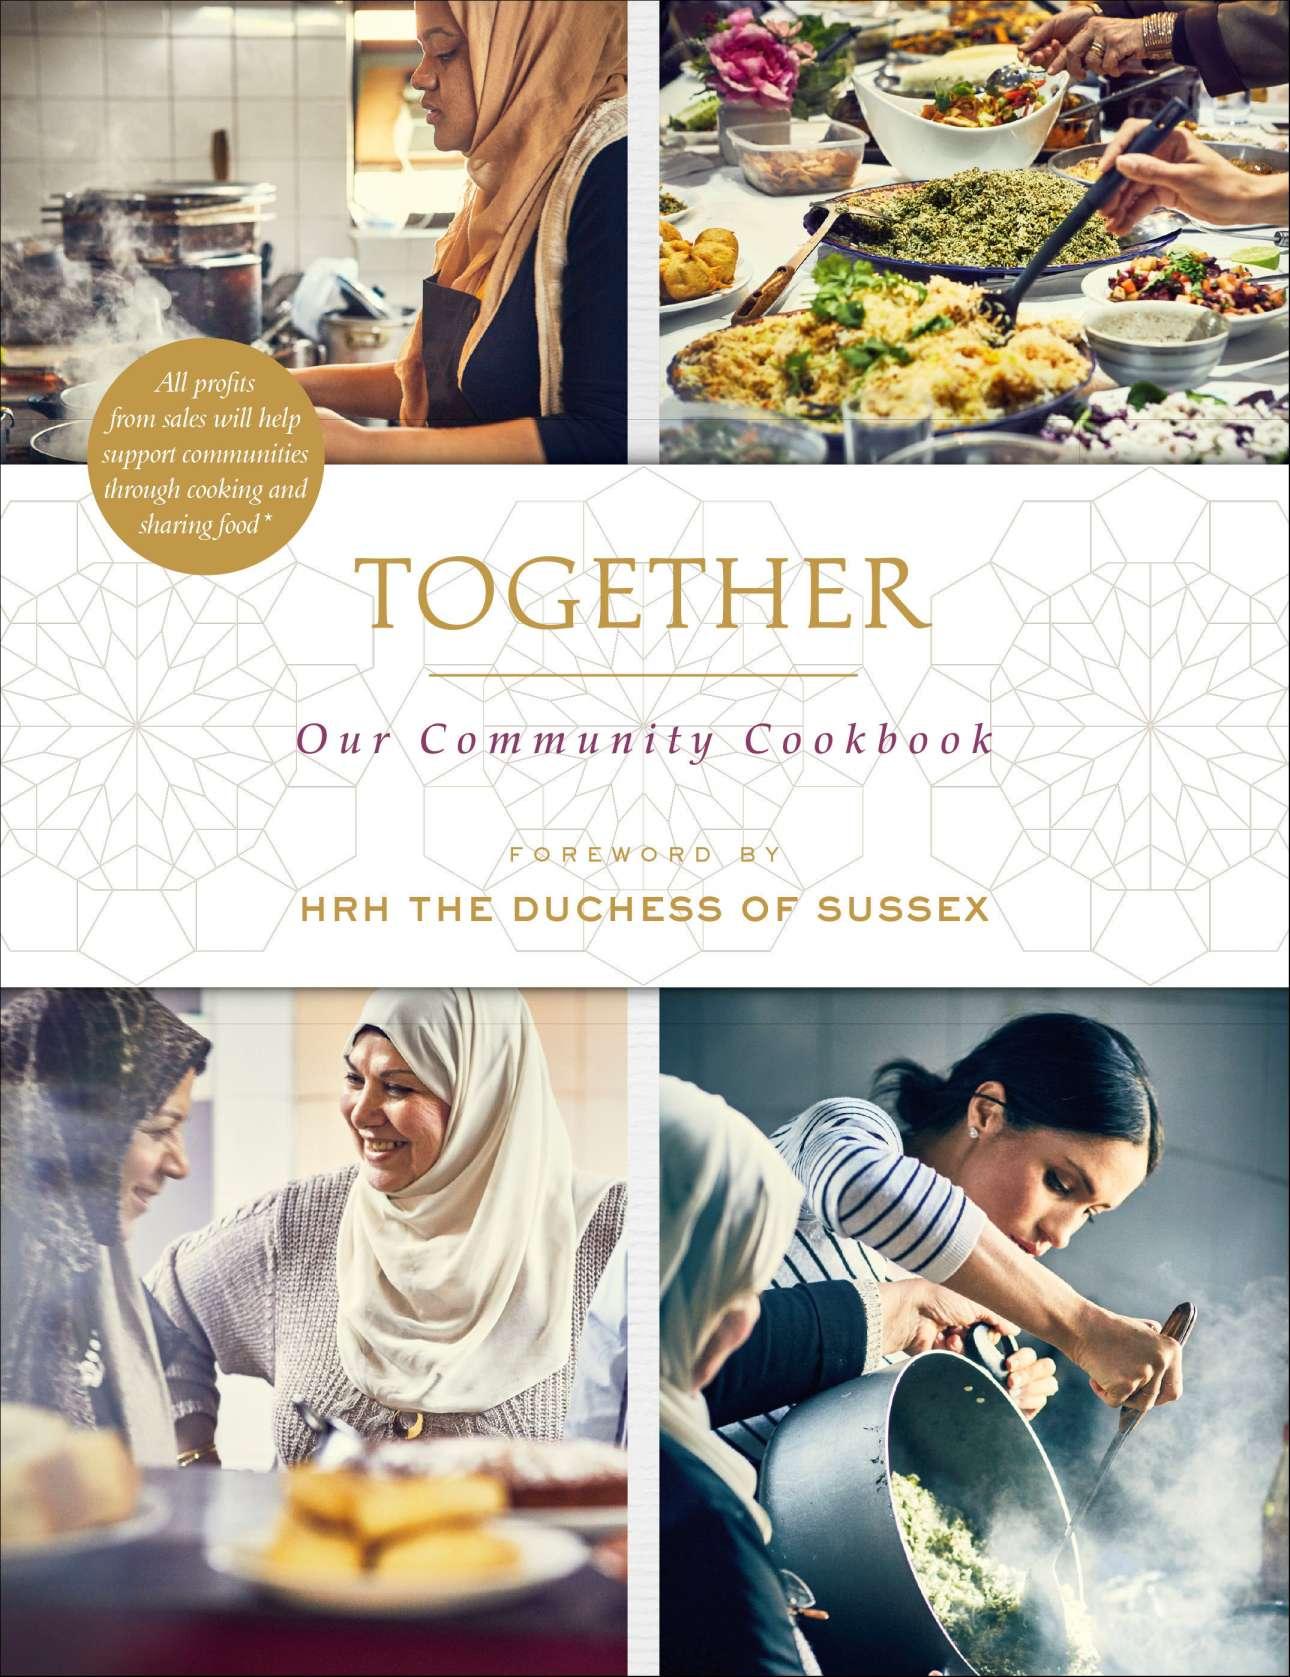 Το εξώφυλλο του βιβλίου μαγειρικής «Together», με τις ευλογίες της Μέγκαν Μαρκλ, μιας δούκισσας που δεν διστάζει να μπει στην κουζίνα